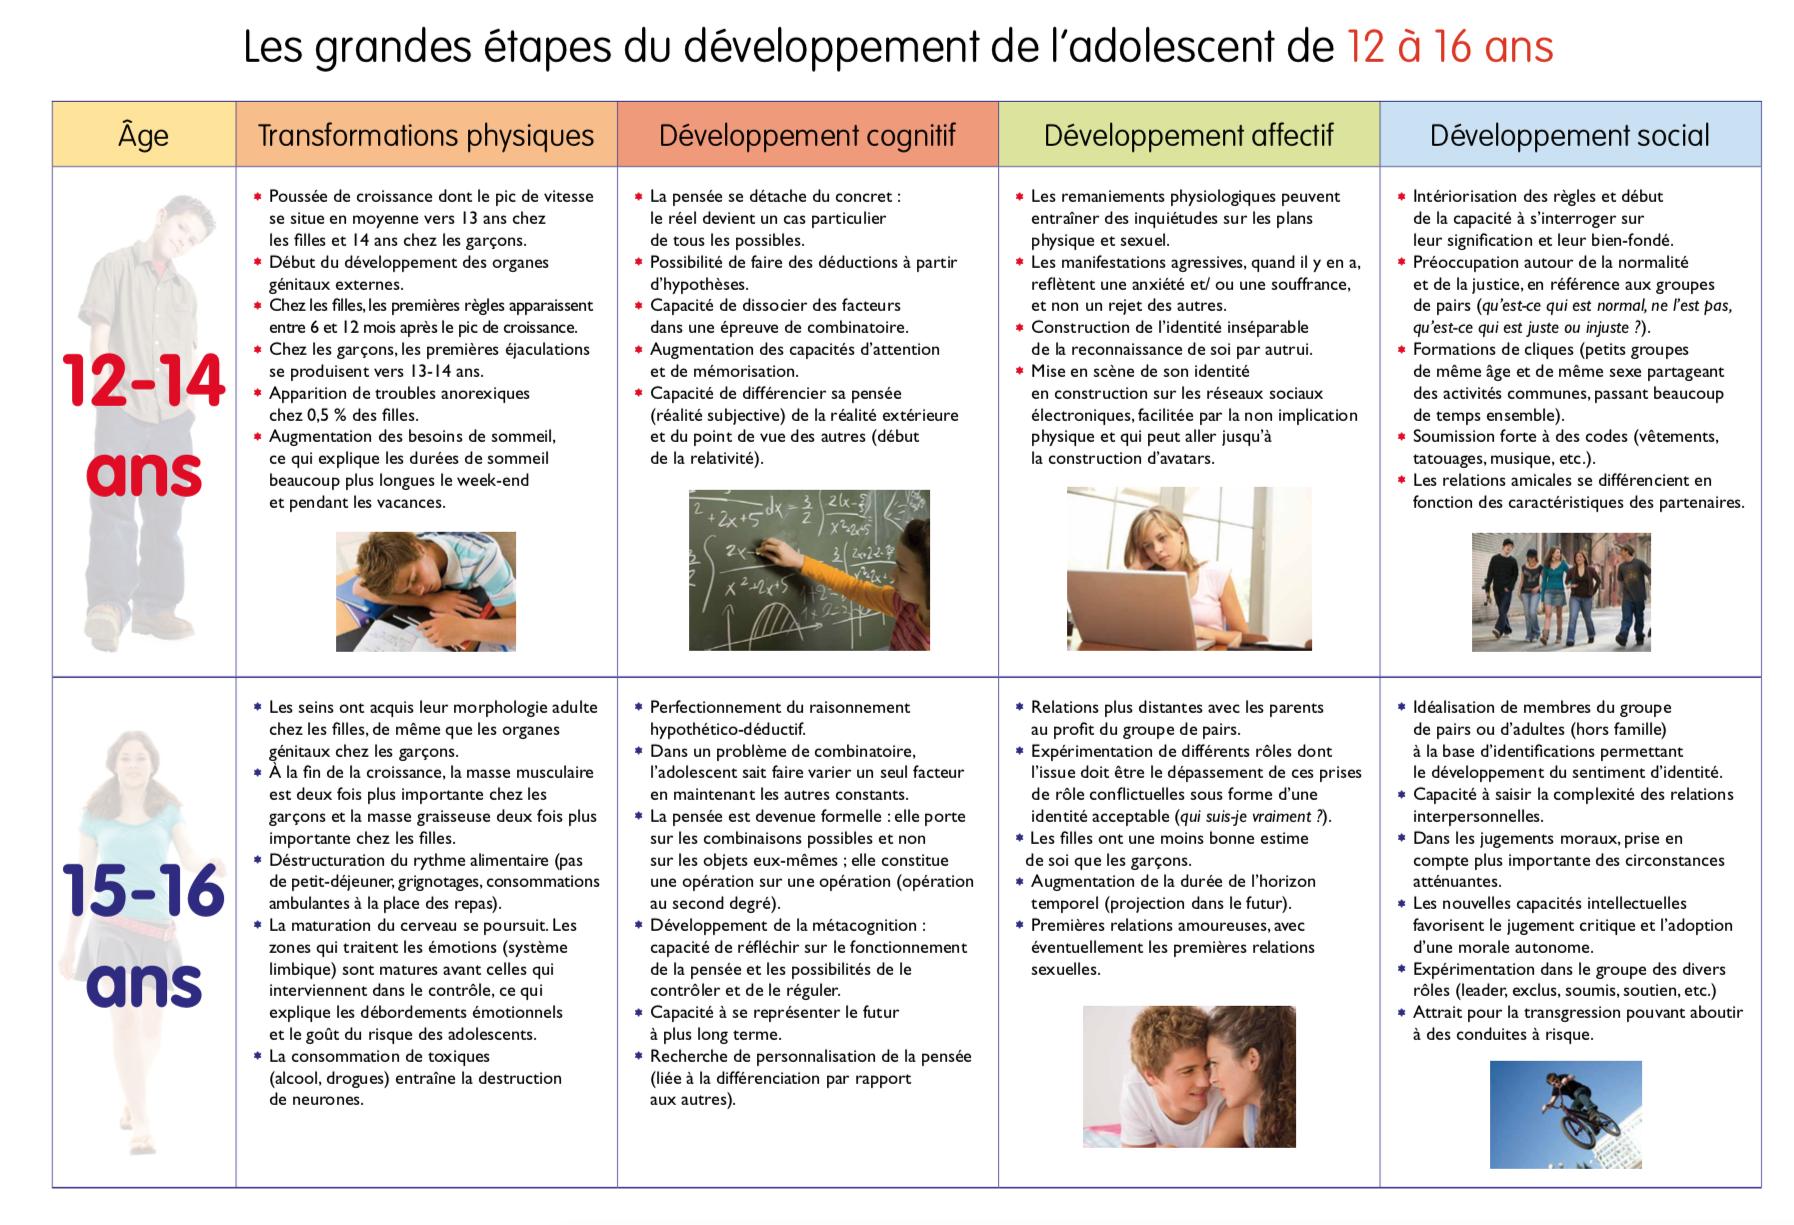 Les Grandes Etapes Du Developpement De L Adolescent De 12 A 16 Ans Adolescent Gestion Des Emotions Developpement